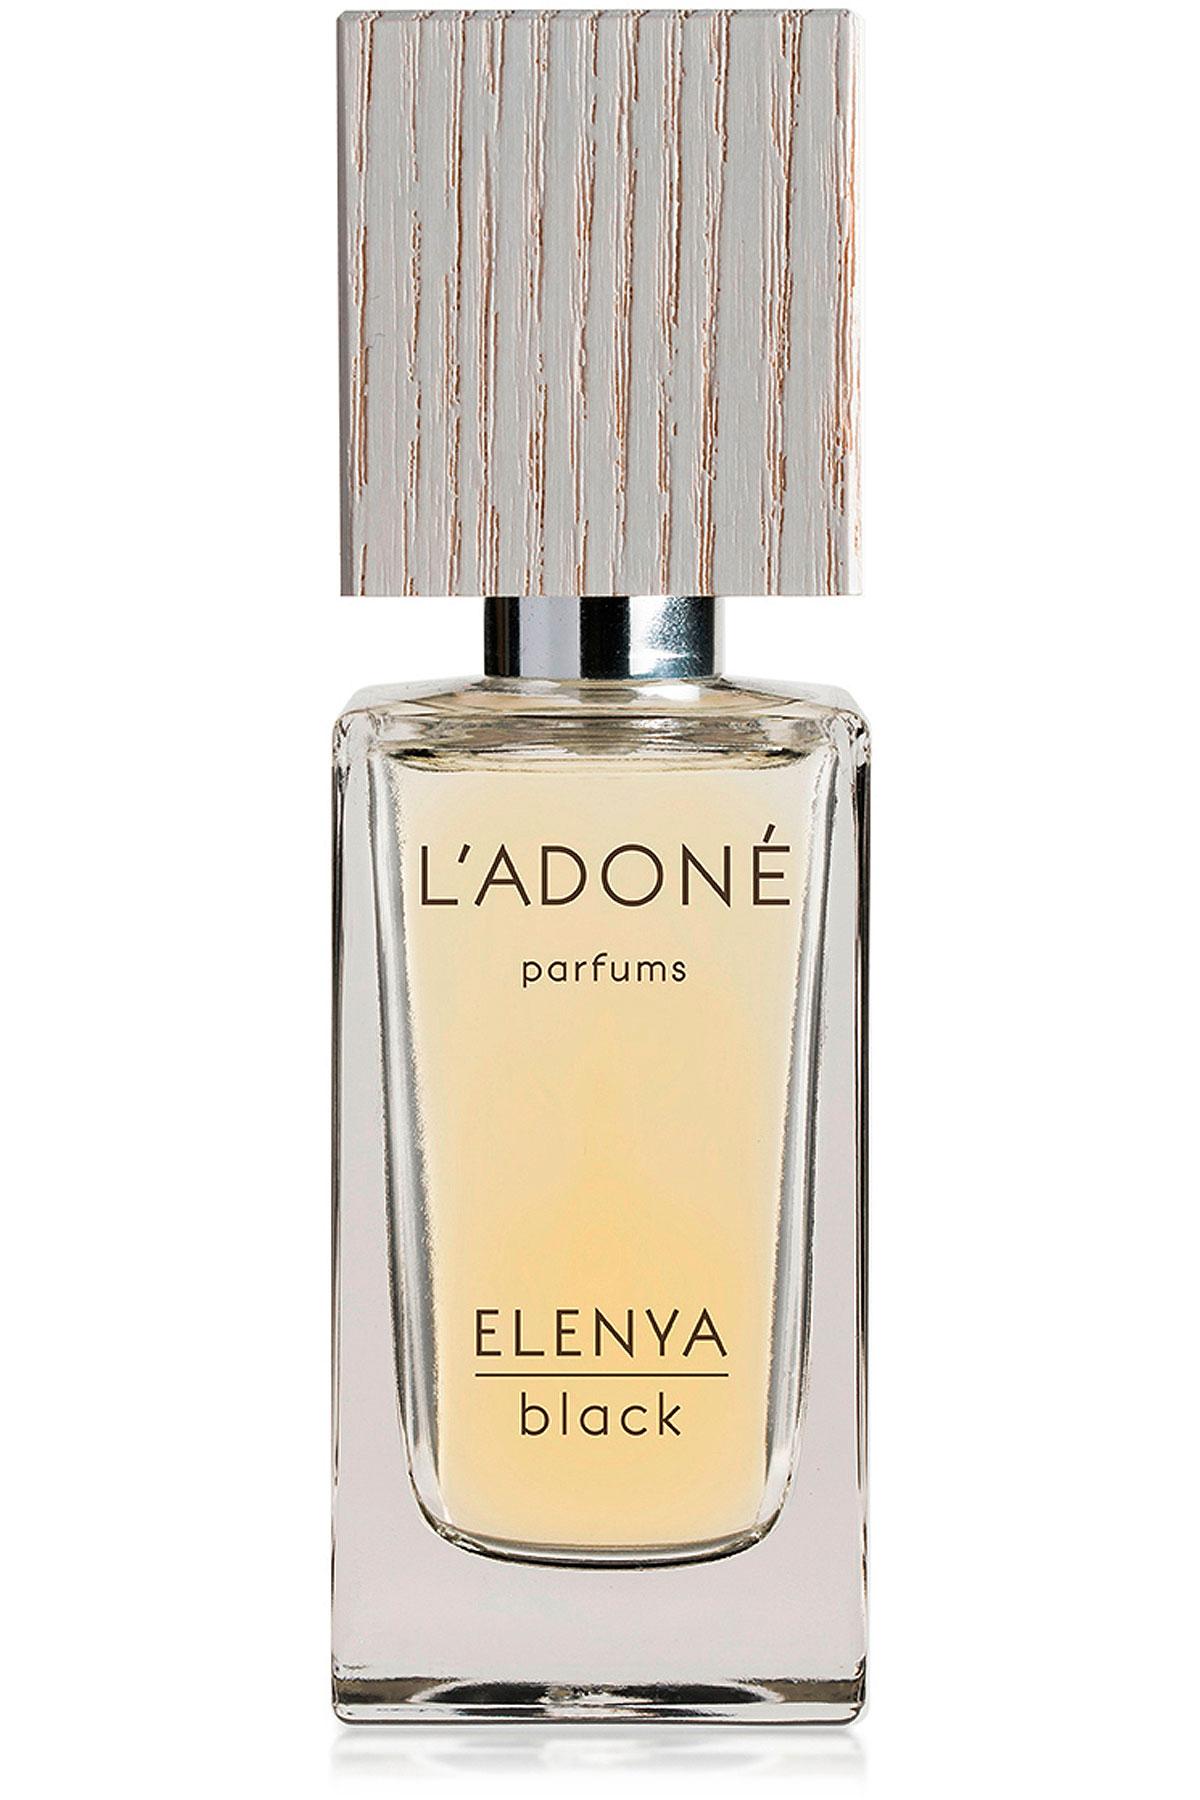 L Adone Fragrances for Women, Elenya Black - Extrait De Parfum - 50 Ml, 2019, 50 ml